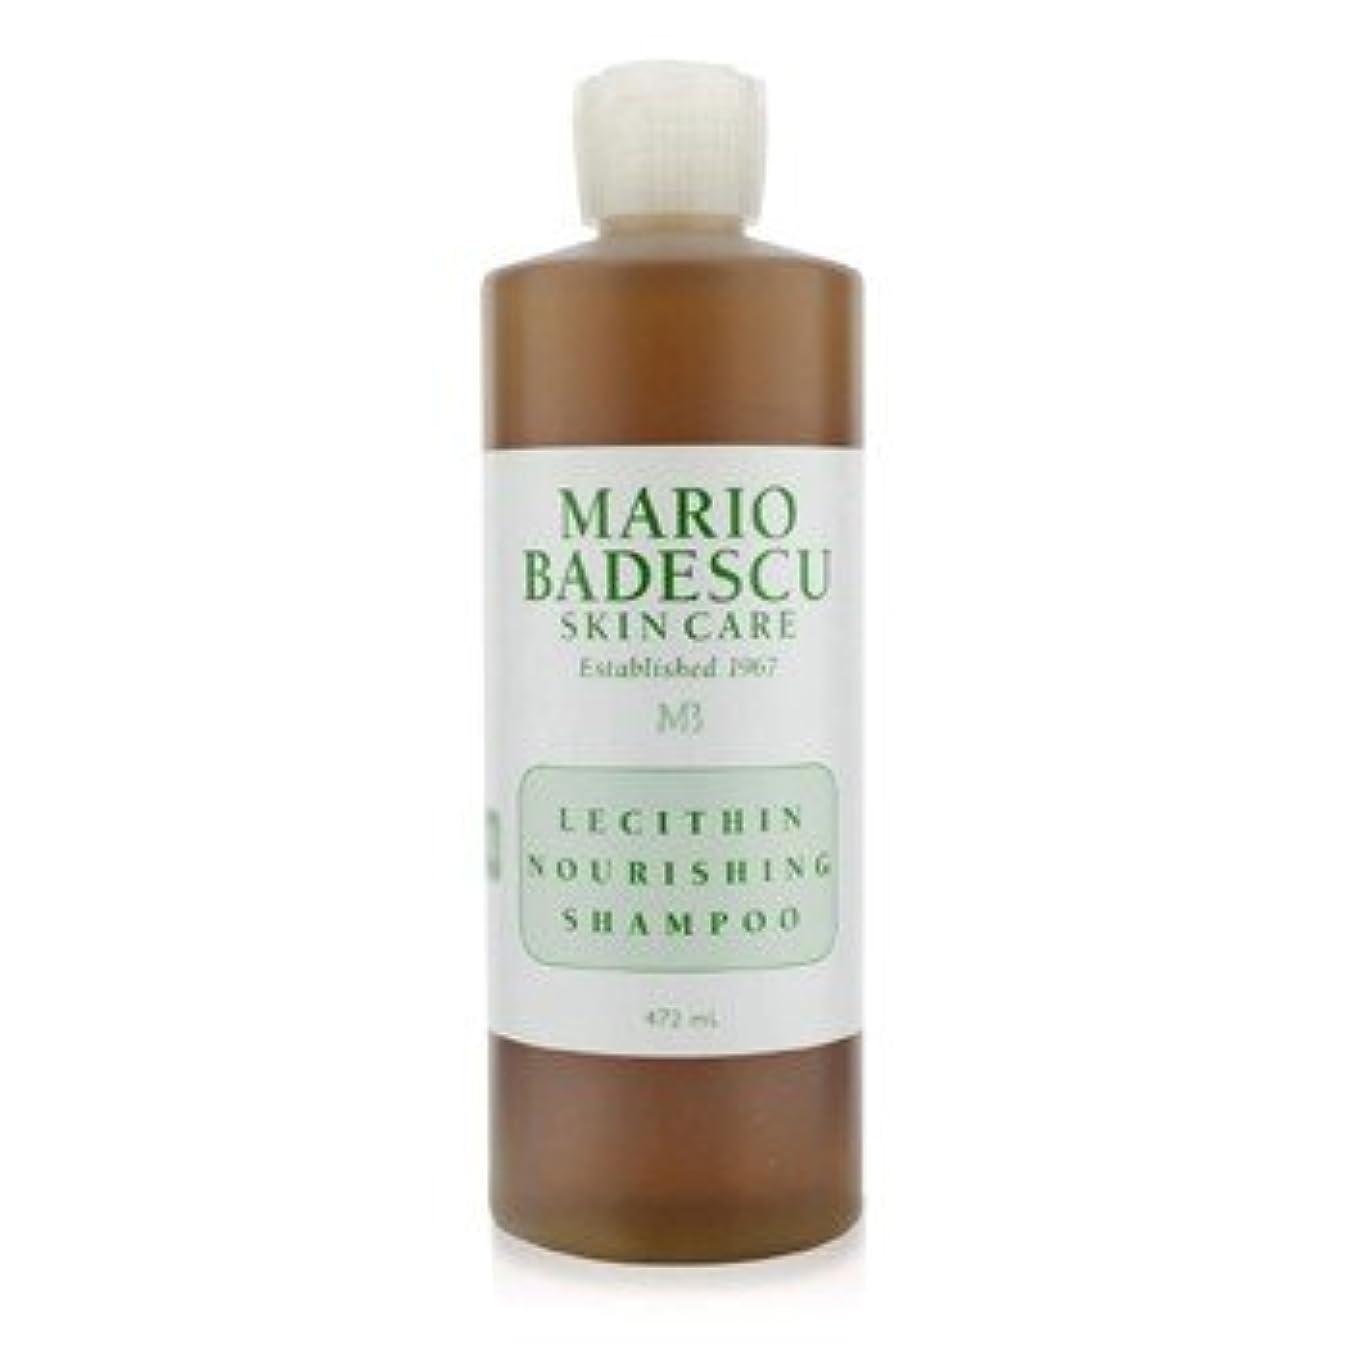 ハーブ考案する舞い上がる[Mario Badescu] Lecithin Nourishing Shampoo (For All Hair Types) 472ml/16oz